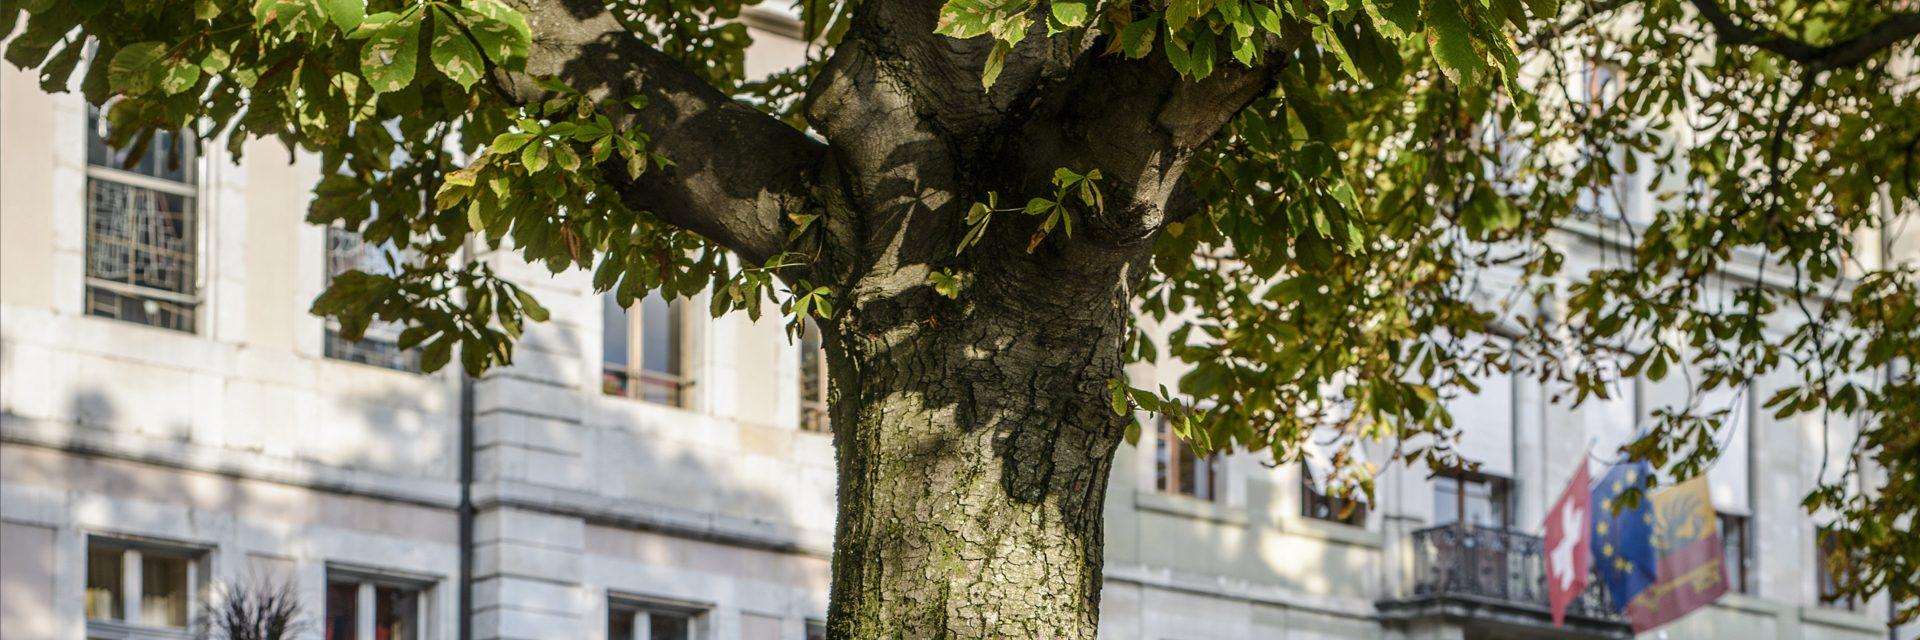 bandeau-1920x640-nature